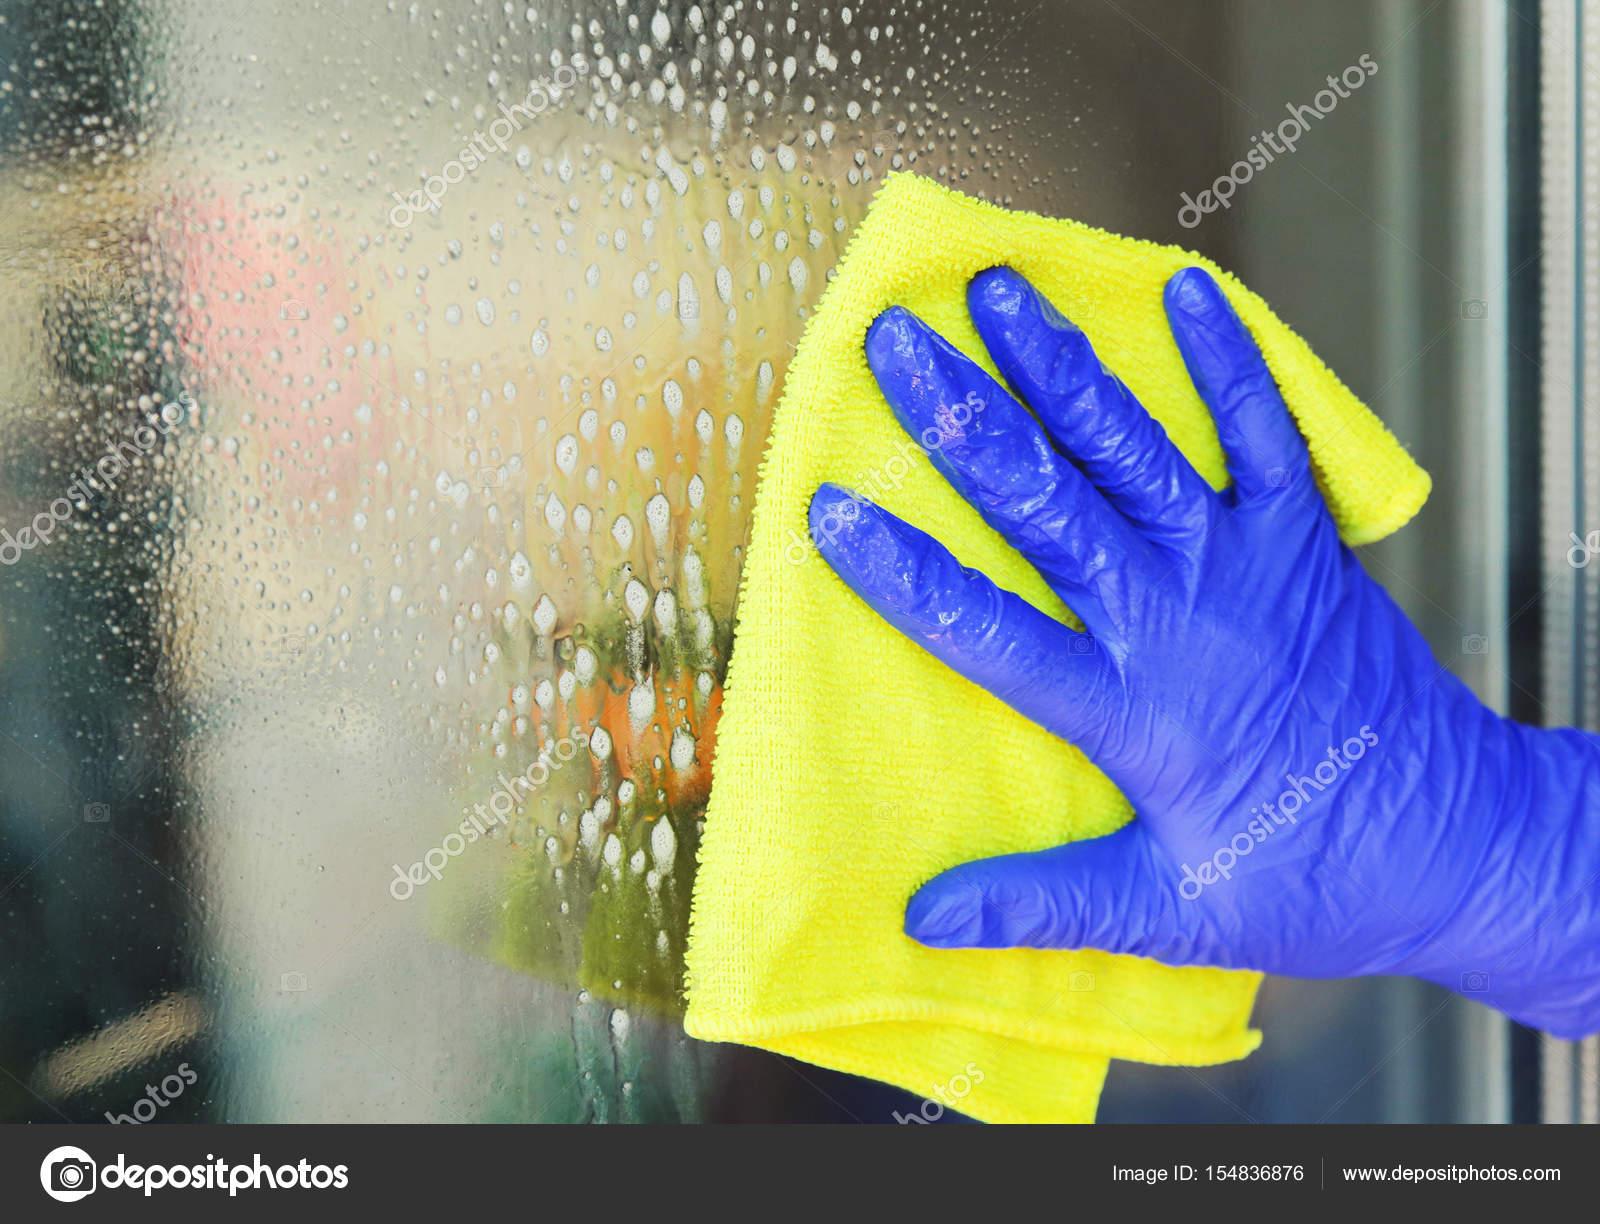 Innenarchitektur Fenster Reinigen Beste Wahl Frau Ein Mit Gelben Tuch Reinigen. Instagram